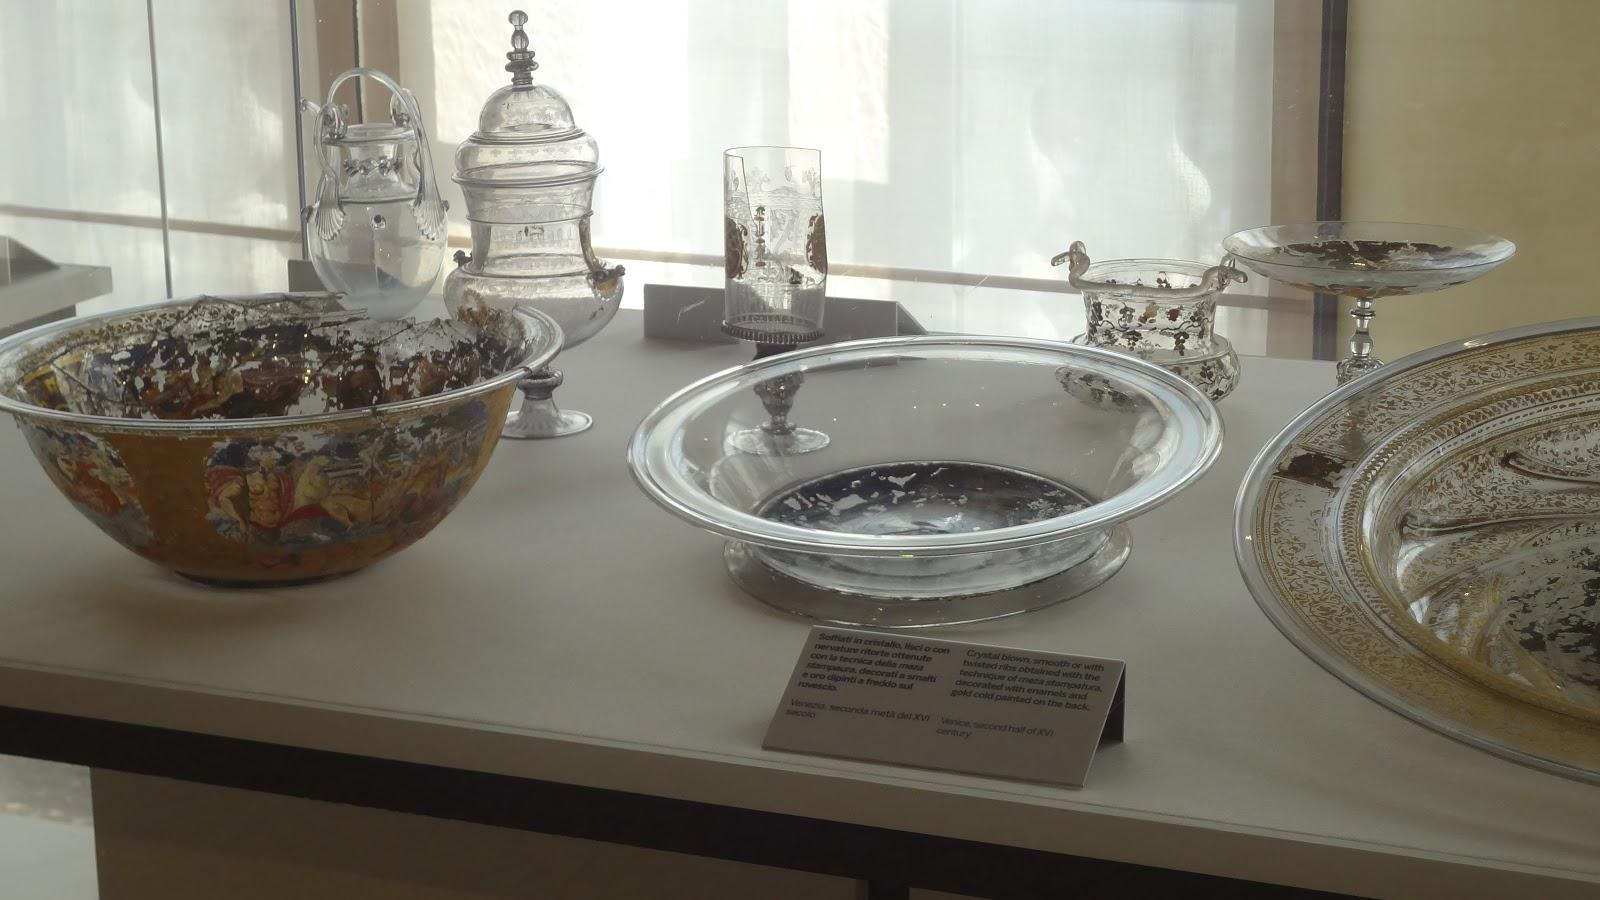 exhibit bowl